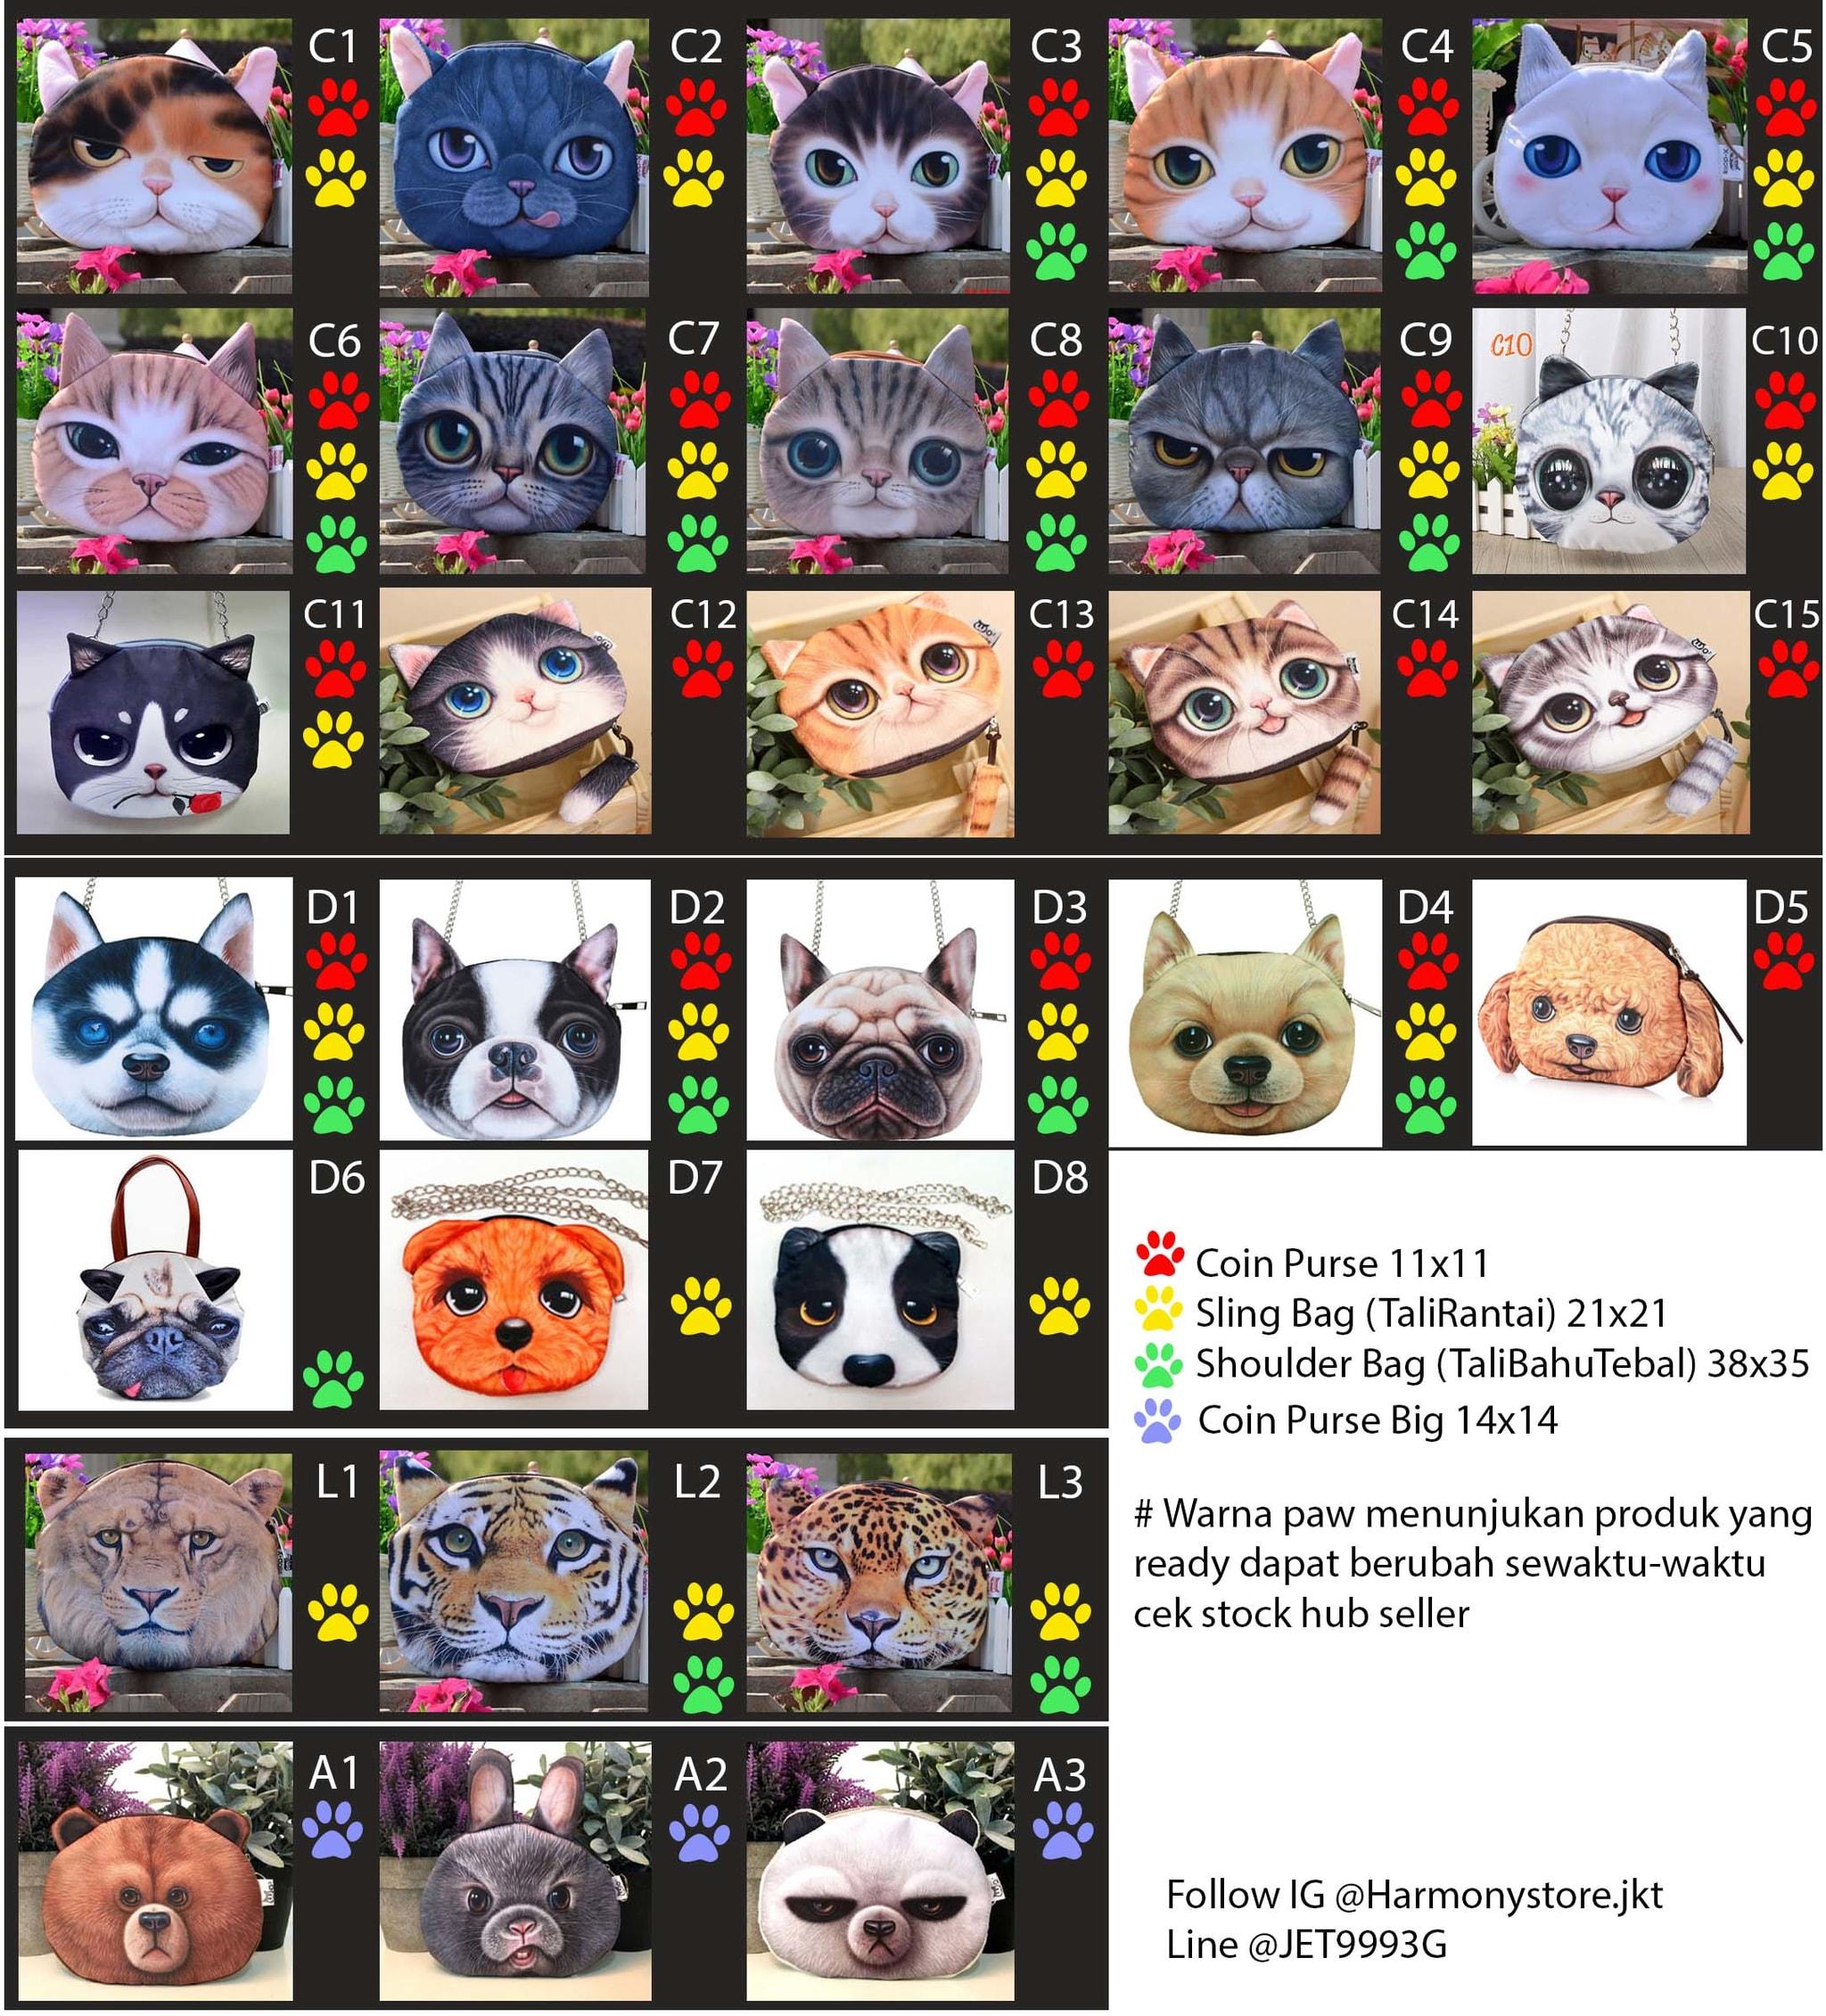 ... Tas Kepala Kucing   Muka Kucing   Motif Kucing Sling Bag C6 - C9 -  Blanja 38da8c5742